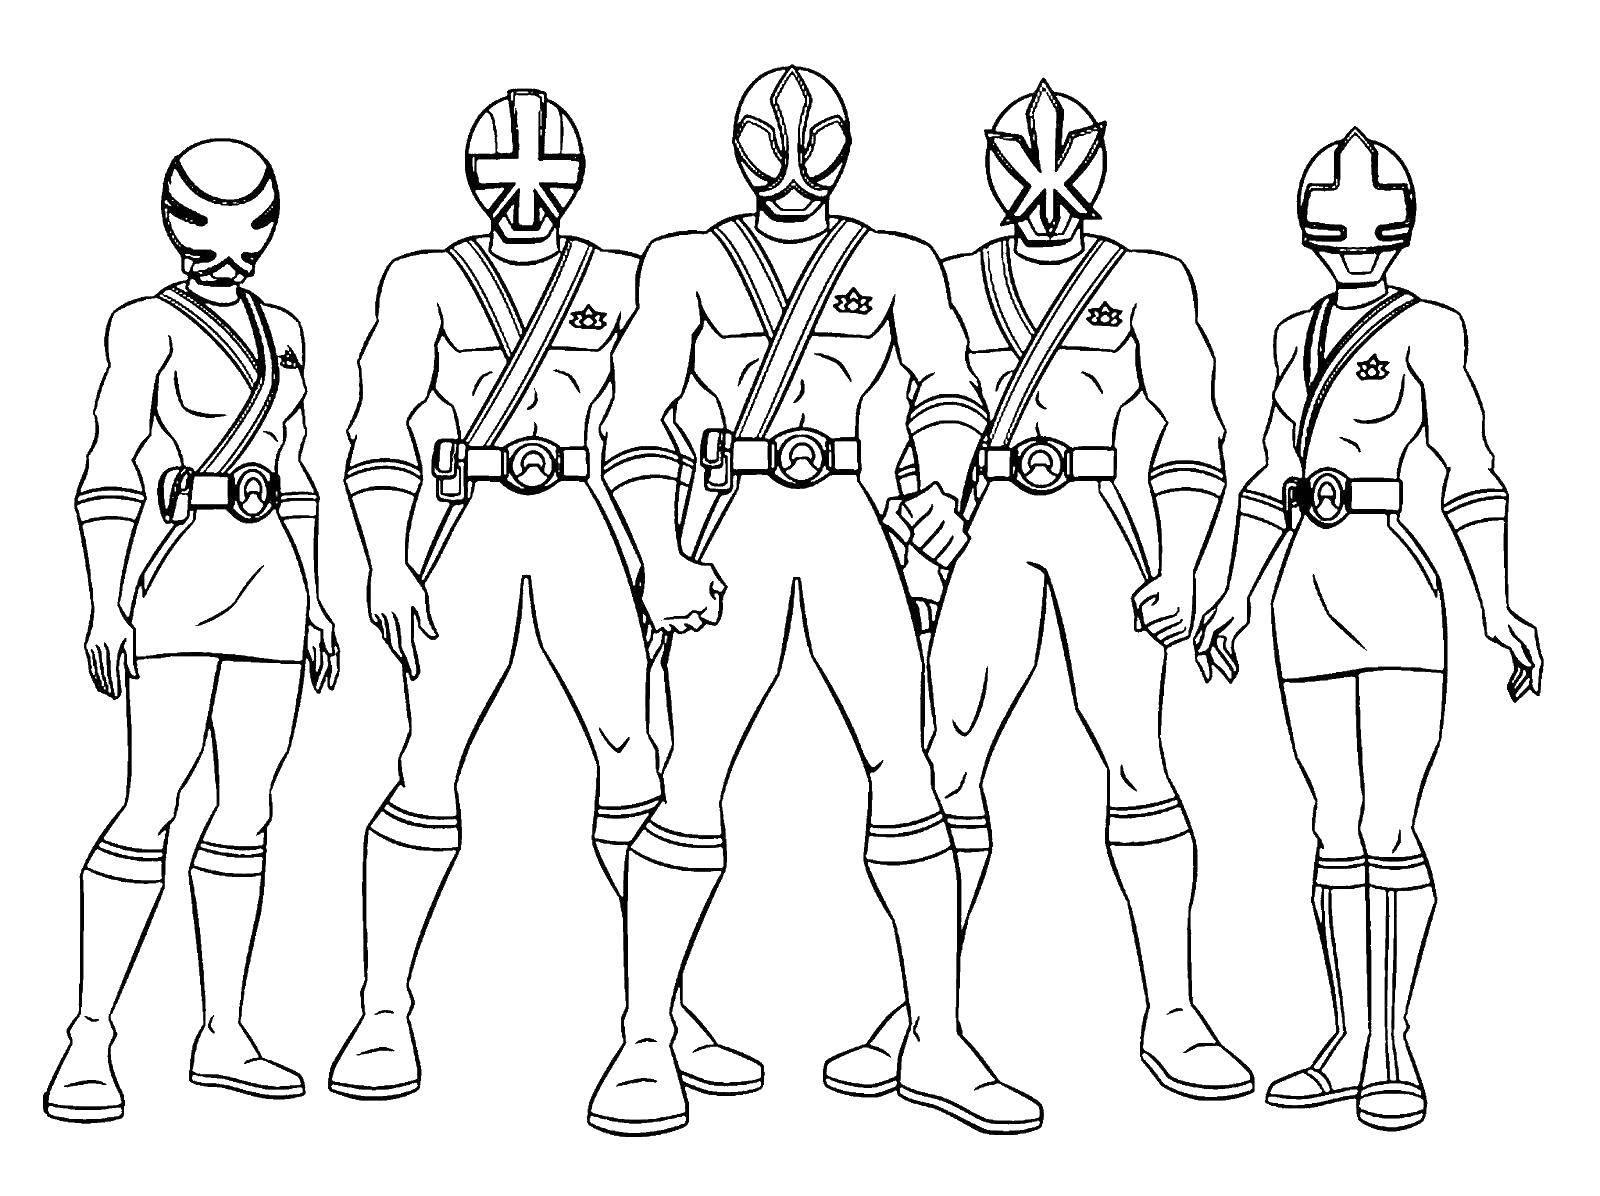 Раскраска Могучие рейнджеры: самураи Скачать ,Могучие Рейнджеры, Самураи,.  Распечатать